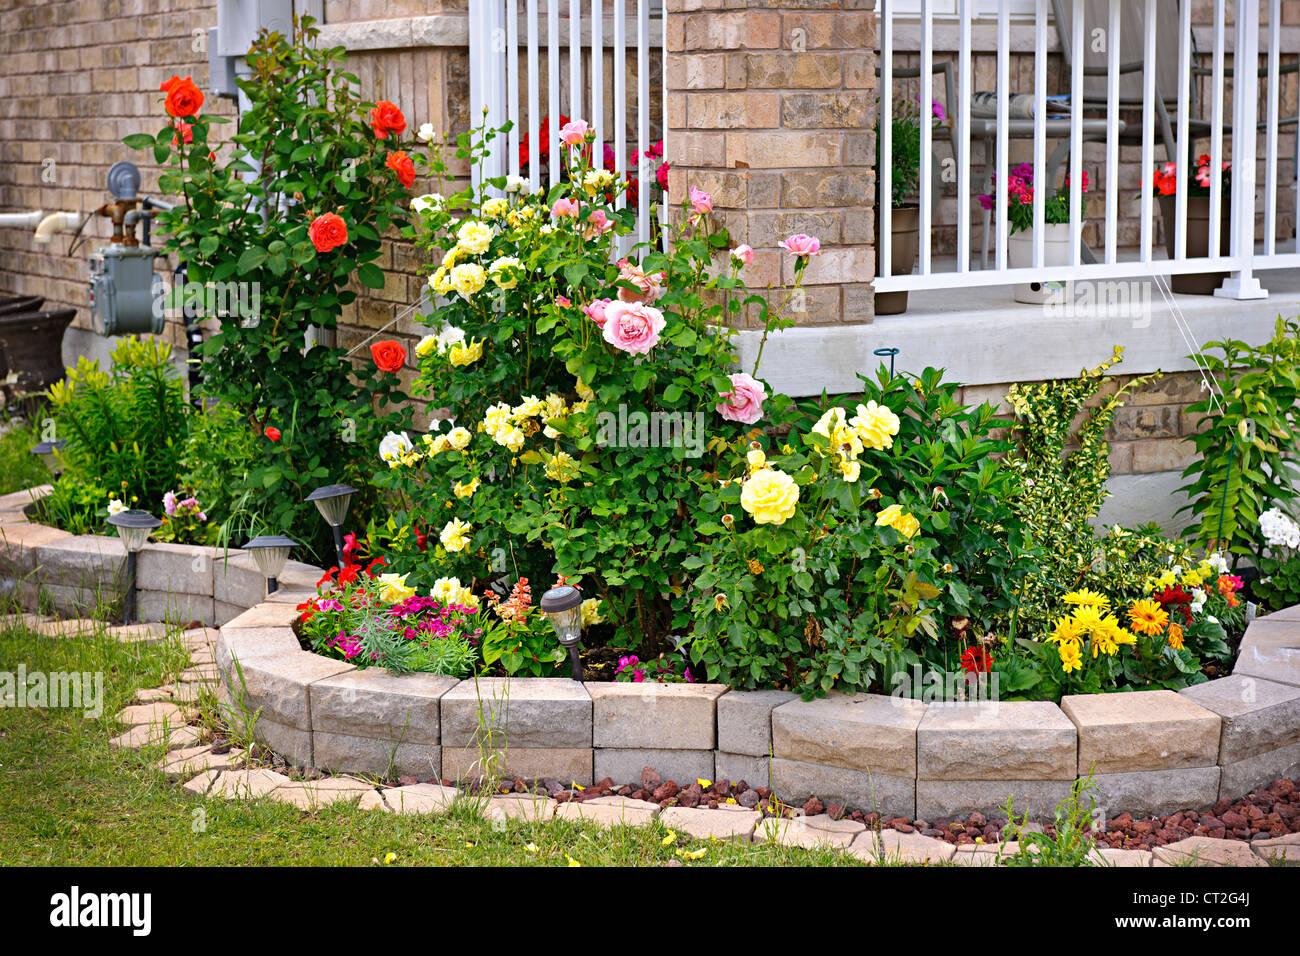 La pierre naturelle dans l'aménagement paysager accueil jardin rose Photo Stock